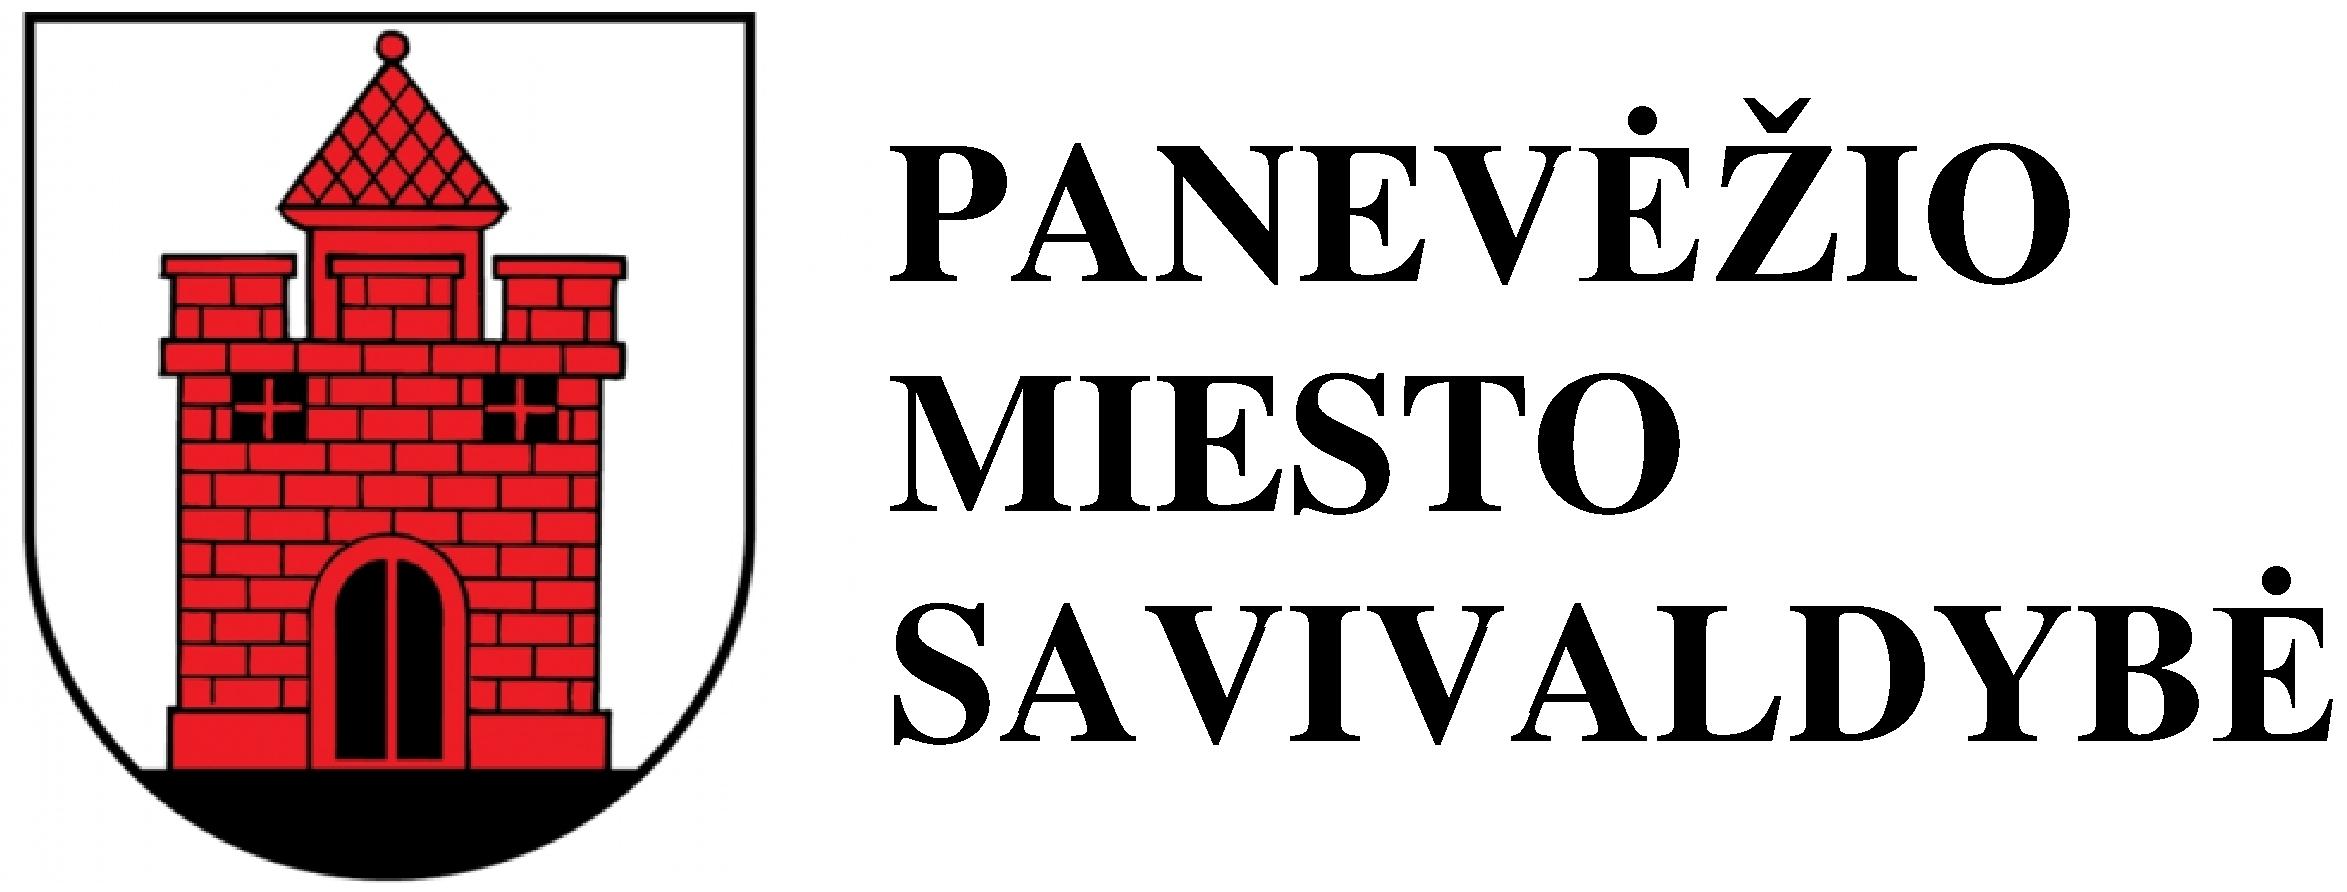 Panevezio-miesto-savivaldybe logo